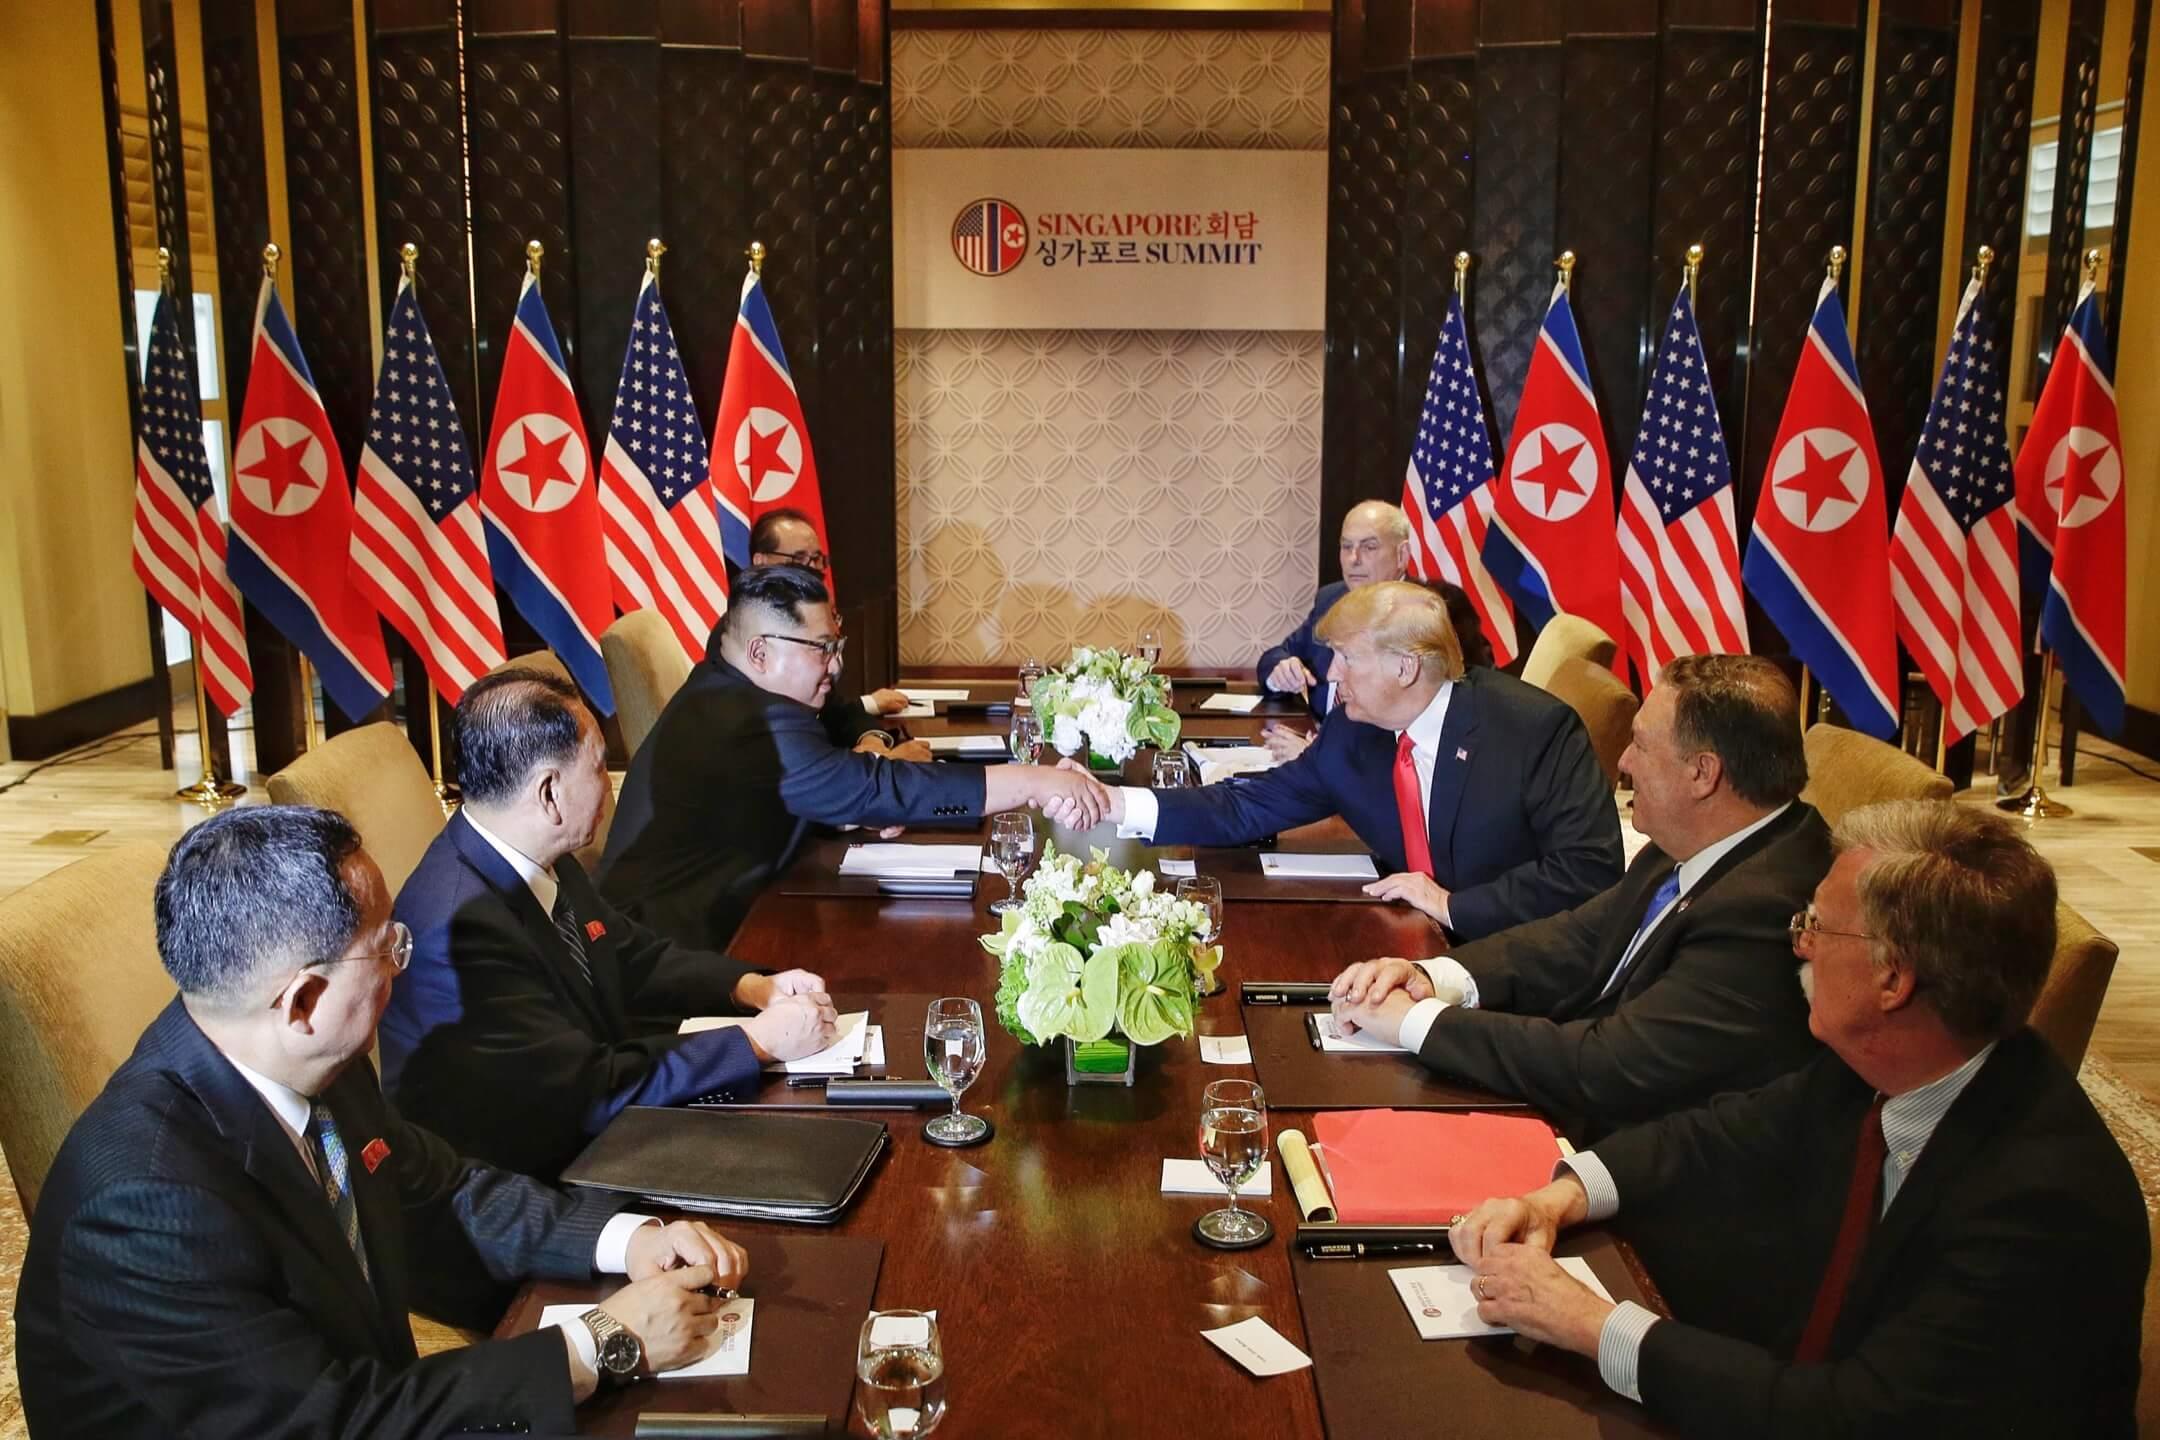 2018年6月12日,北韓領導人金正恩和美國總統特朗普在新加坡舉行會談。 攝:Kevin Lim/Getty Images